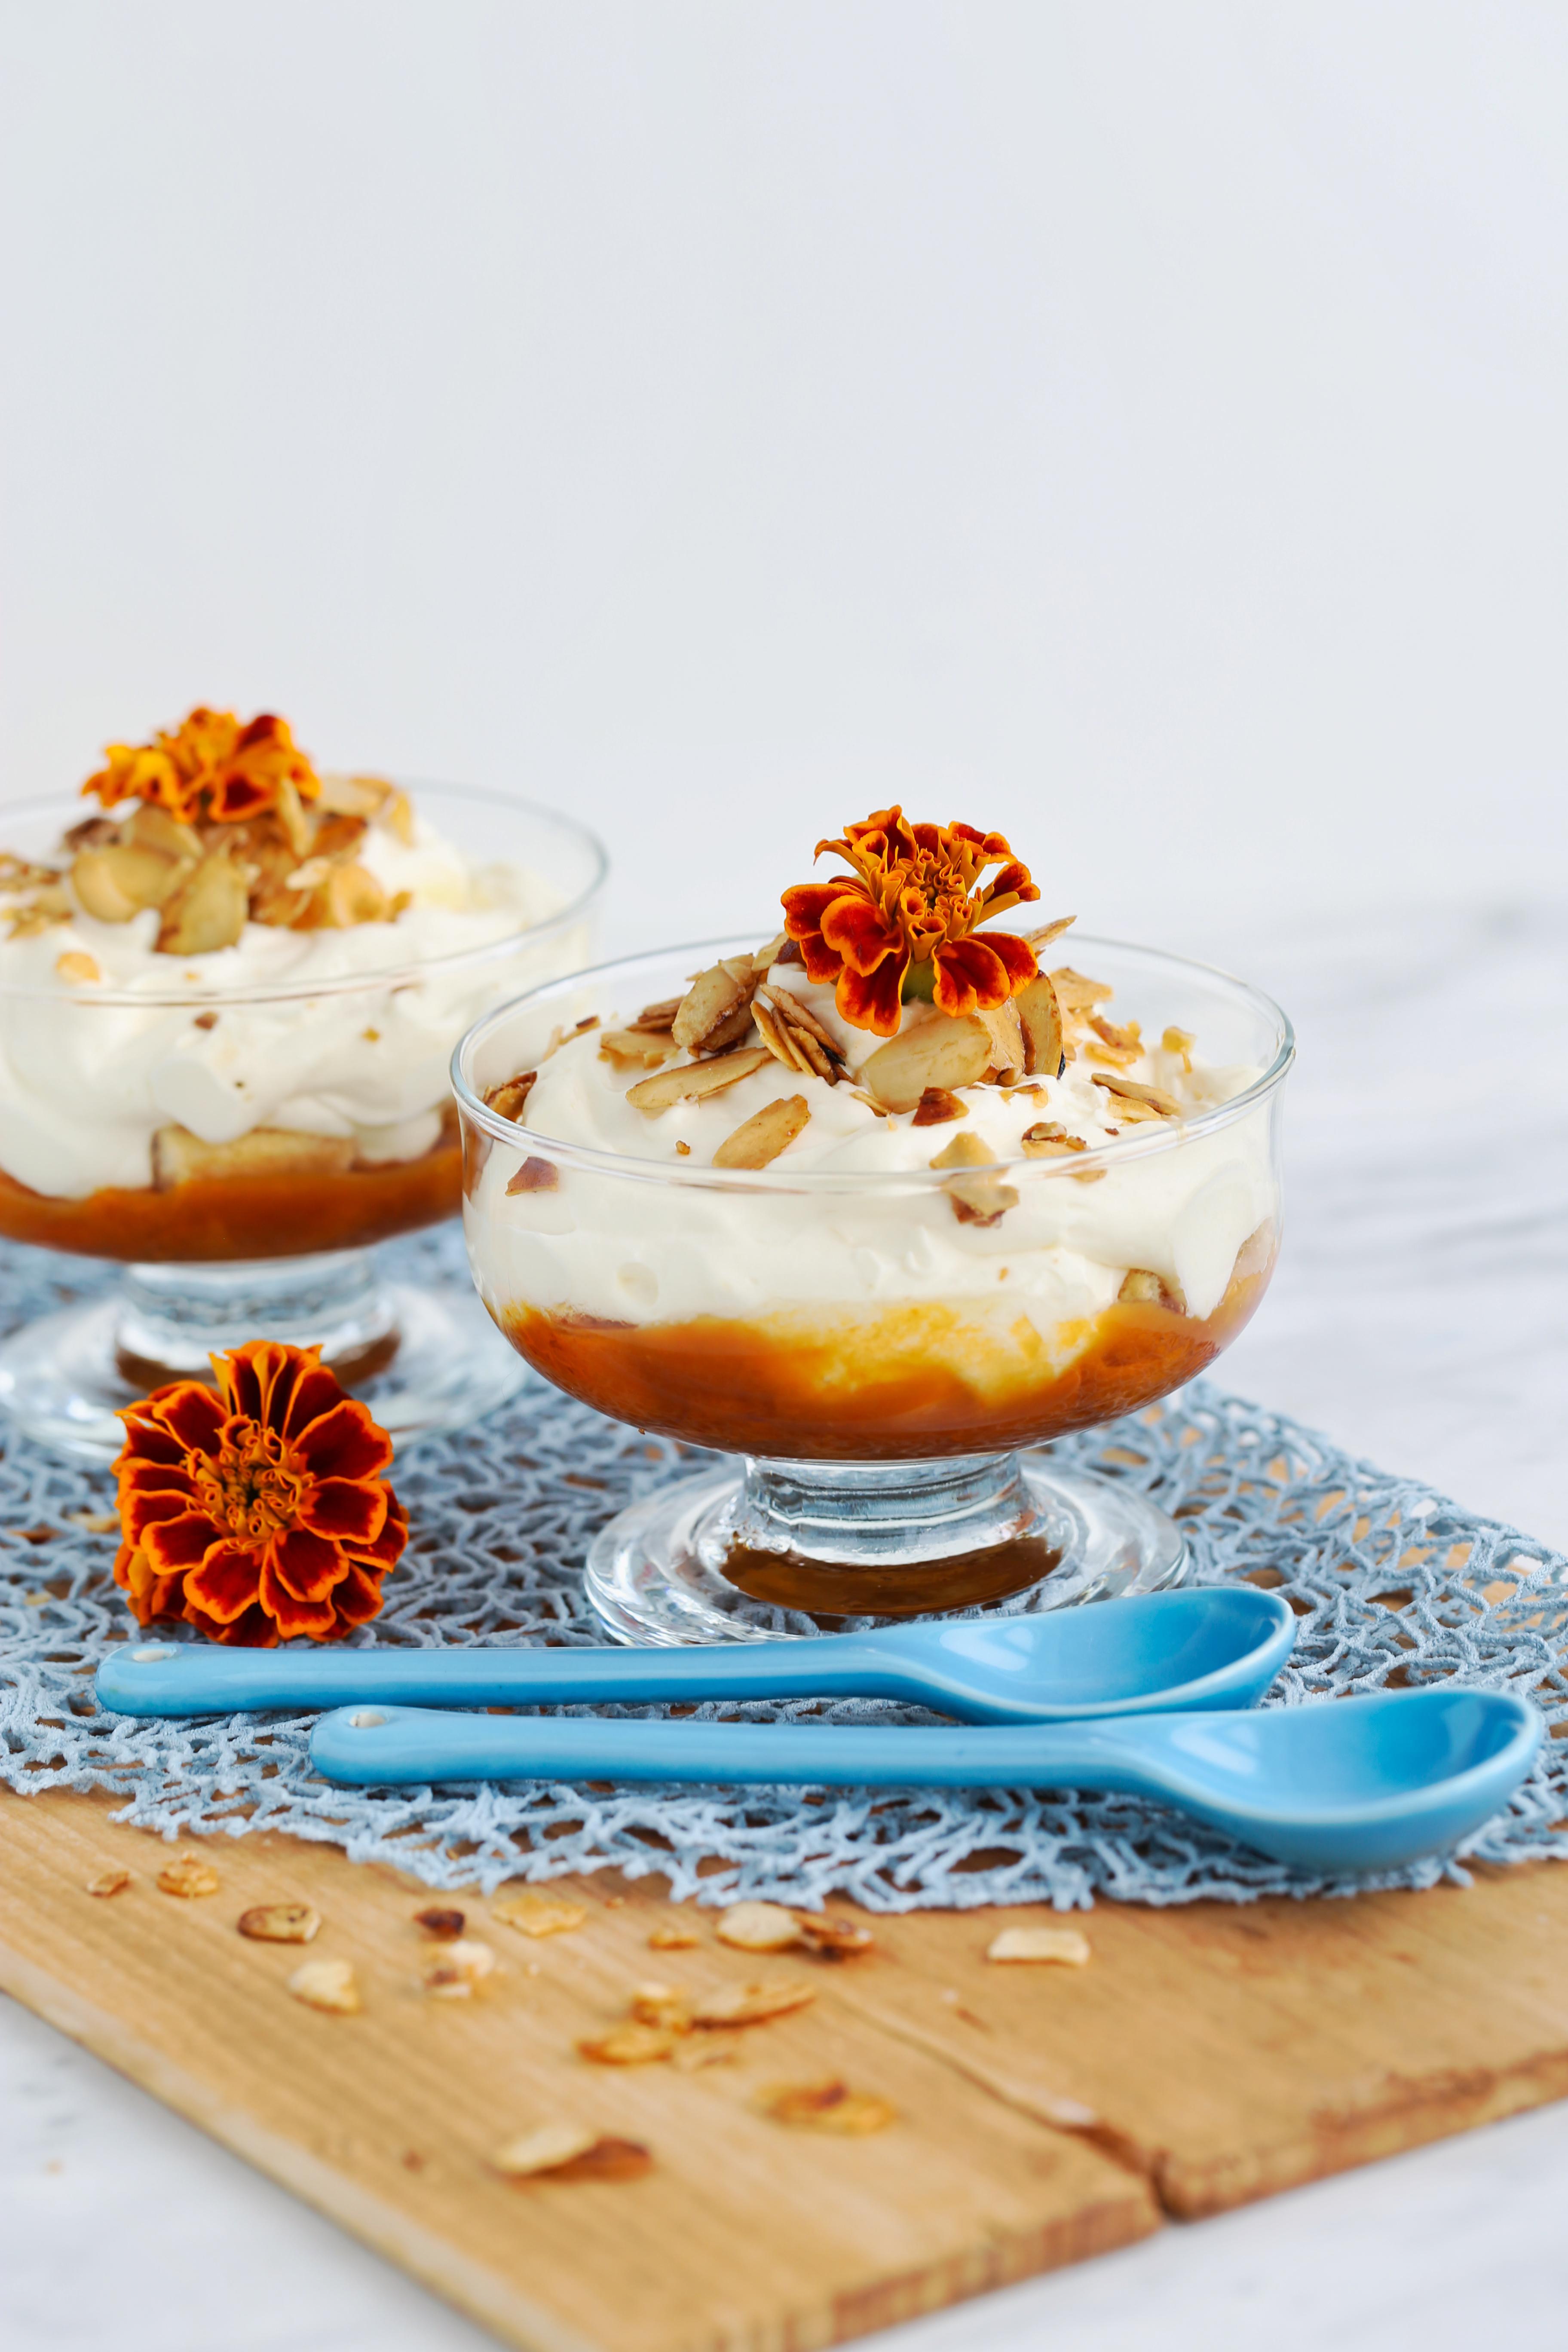 Comme un tiramisu aux abricots - recette sans oeufs et sans café - delimoon.com